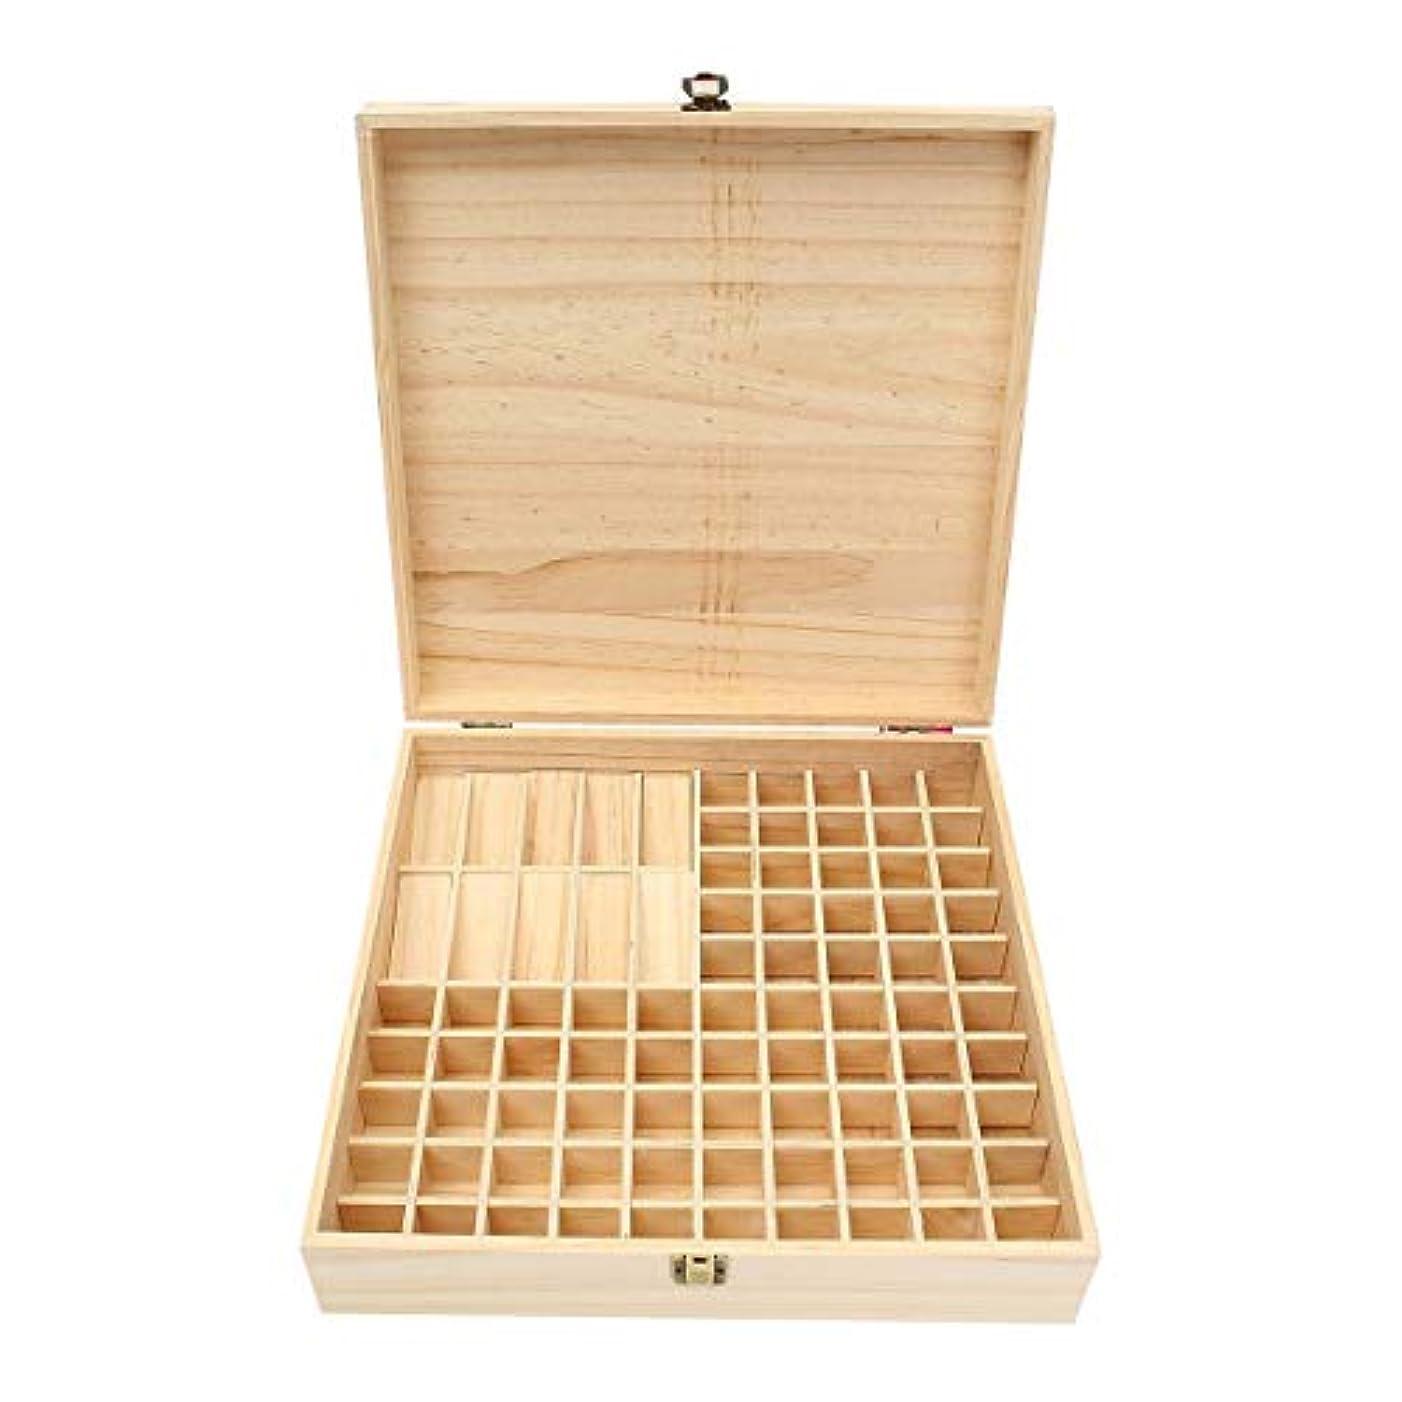 から取り替える五月TINKSKY エッセンシャルオイルケース アロマケース 木製 アロマオイルスタンド 精油ボックス 精油収納 仕切りボックス 85本収納